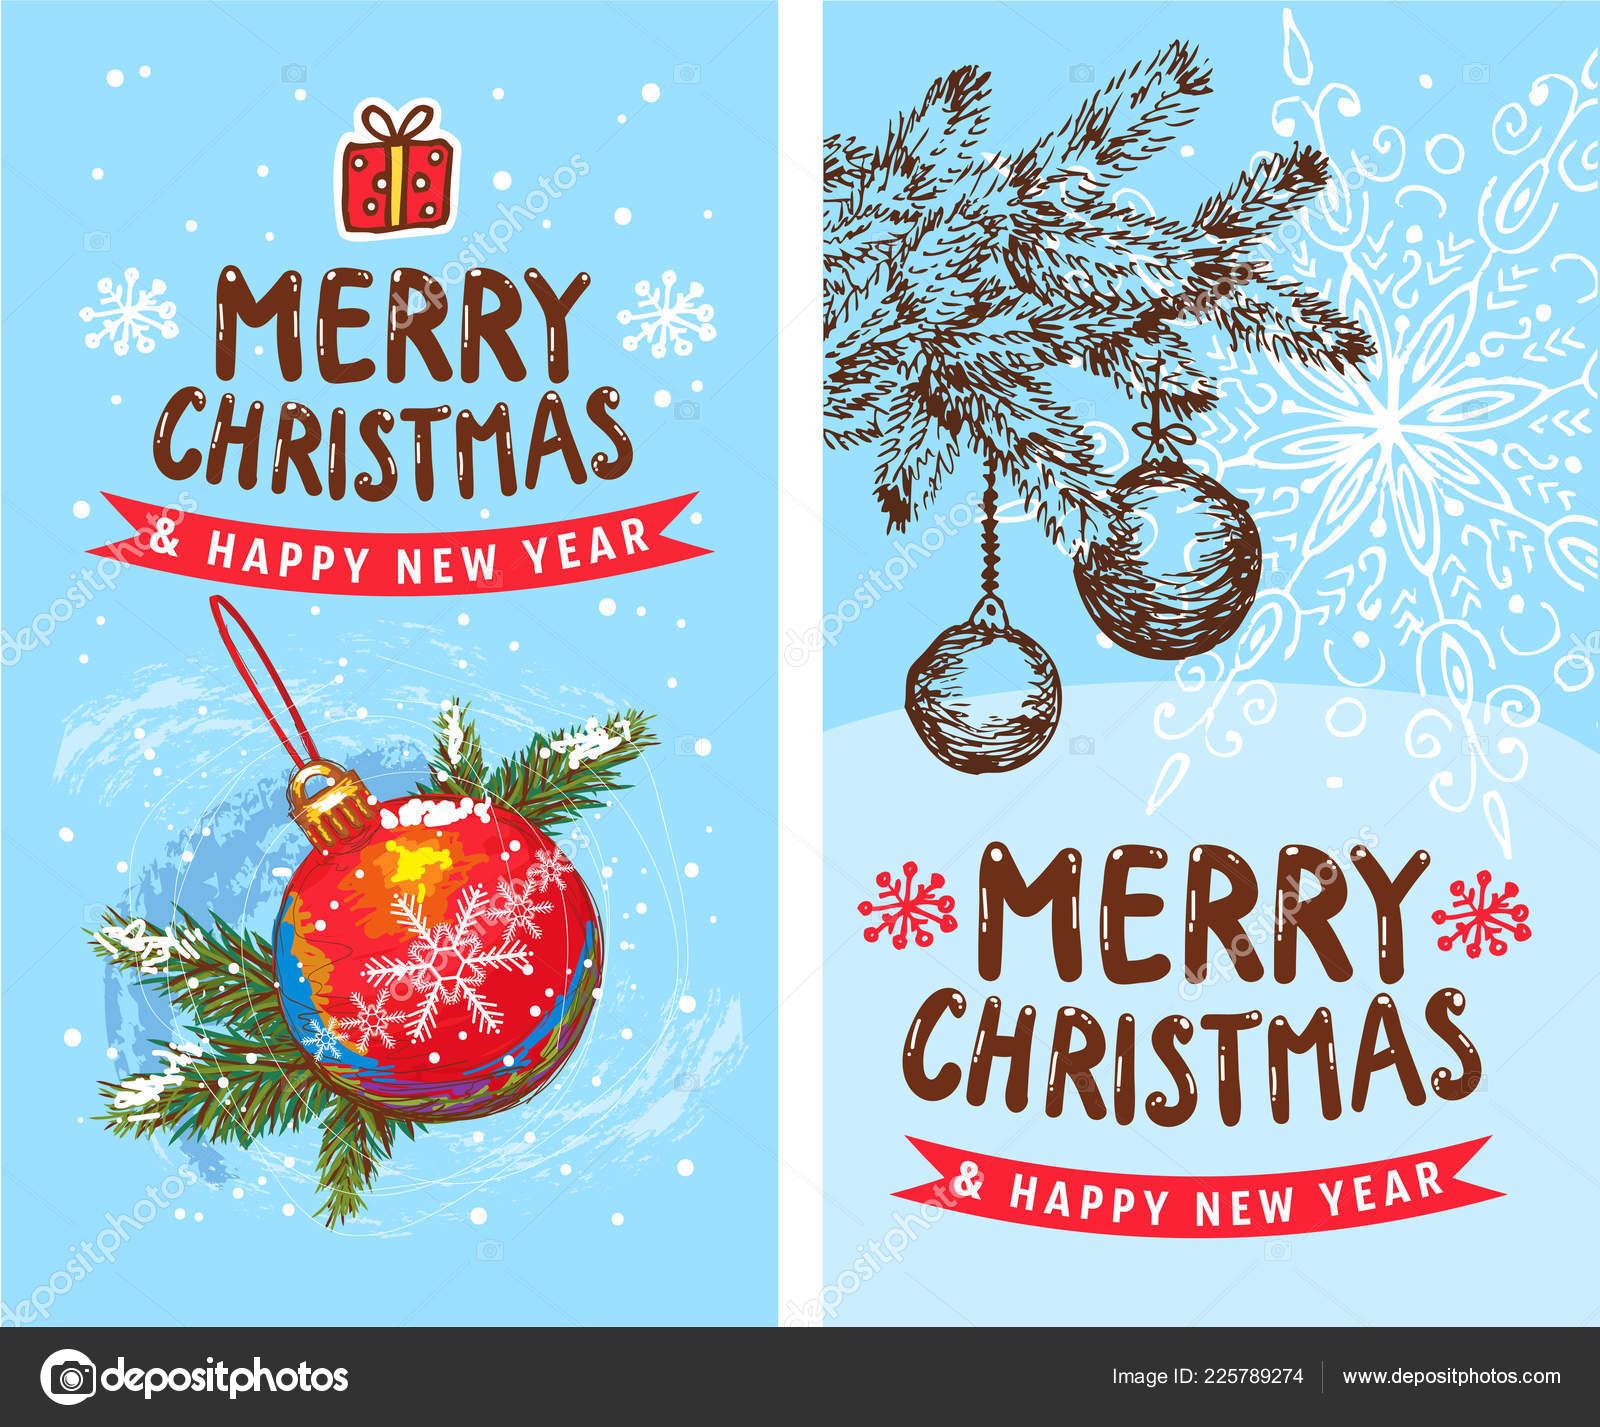 Vrolijk Kerstmis Gelukkig Nieuwjaar 2019 2 Grappige Kaart Ontwerp